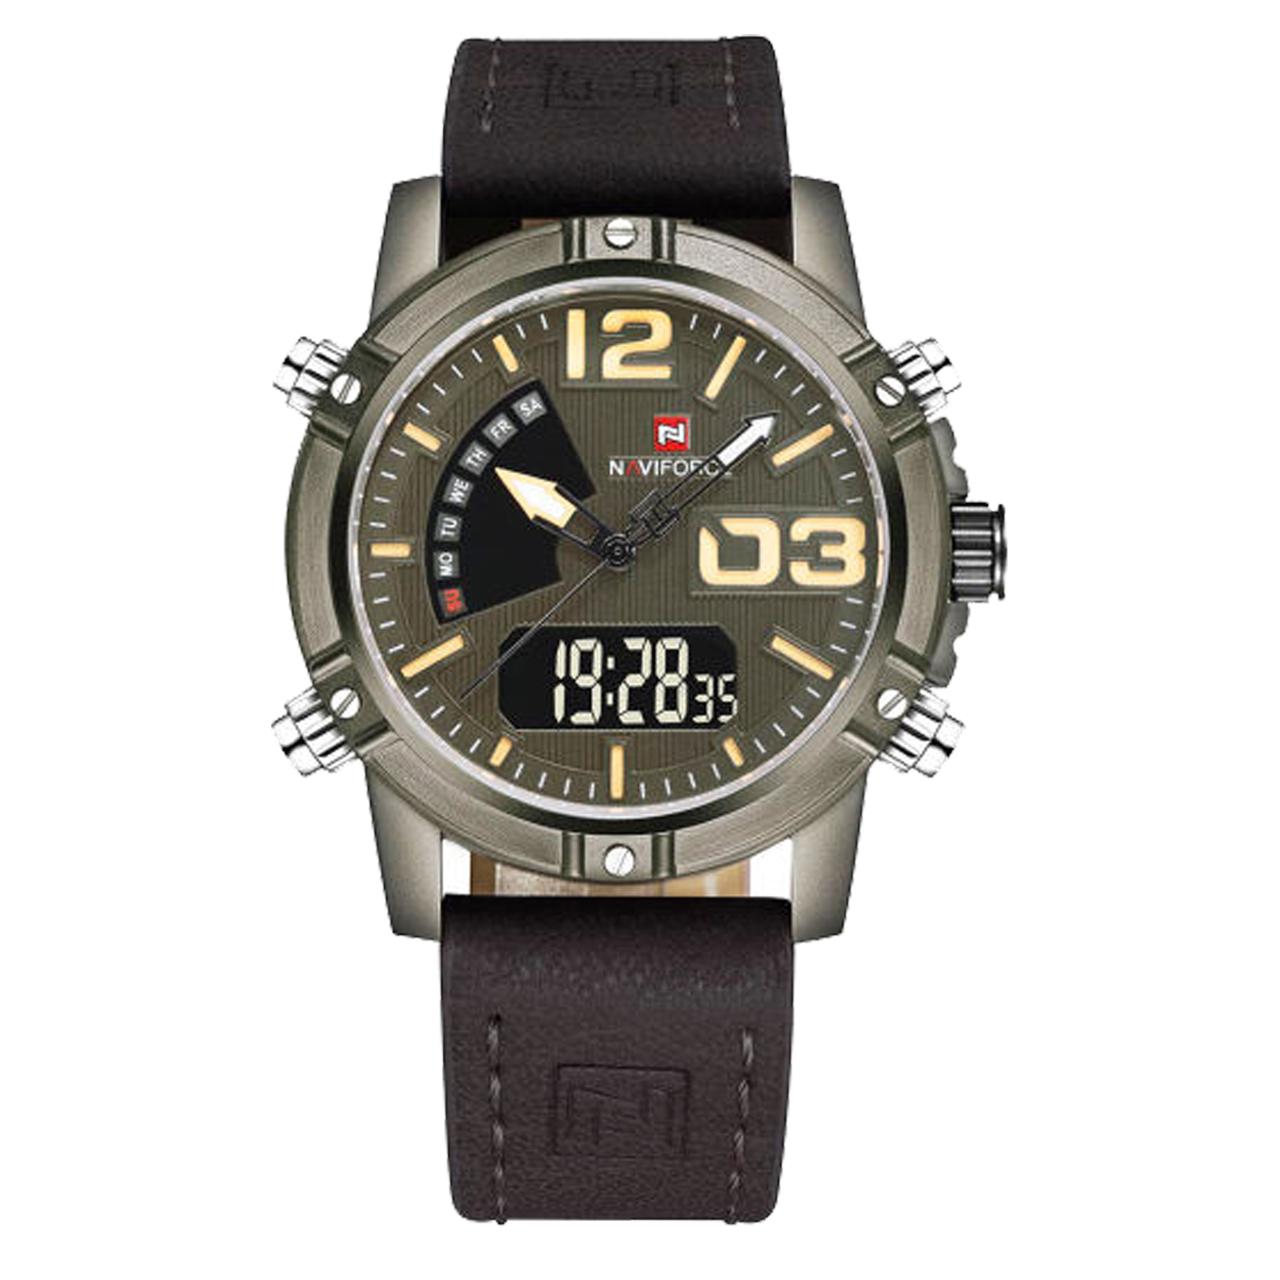 ساعت مچی عقربهای مردانه نیوی فورس مدل nf9095m